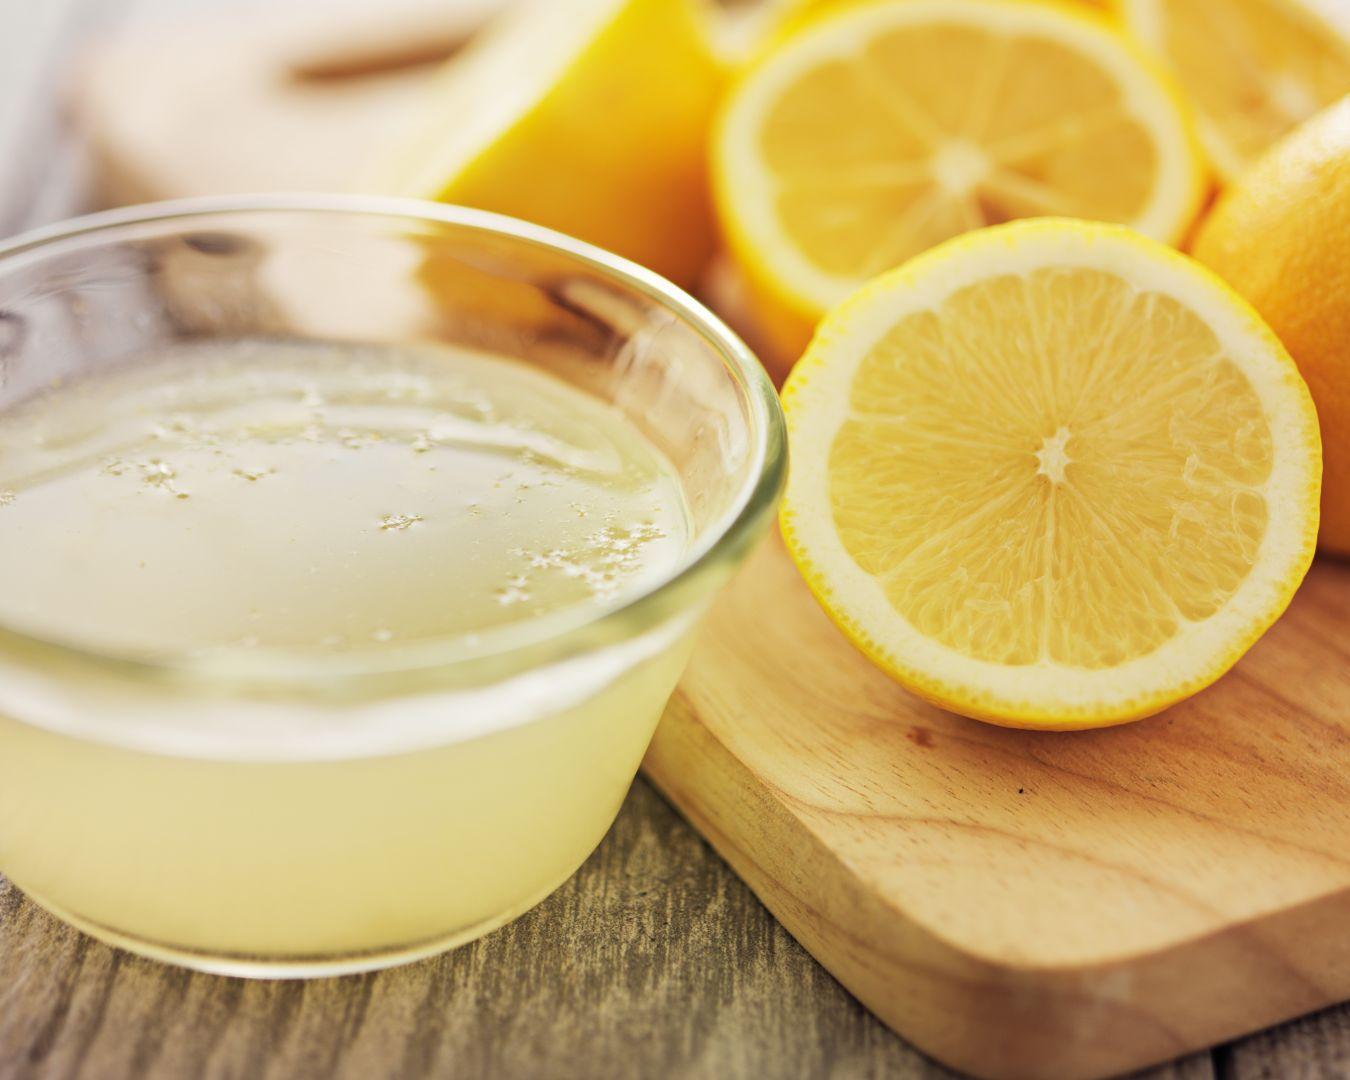 Mezclamos el zumo de limón y el aceite hasta que se integren